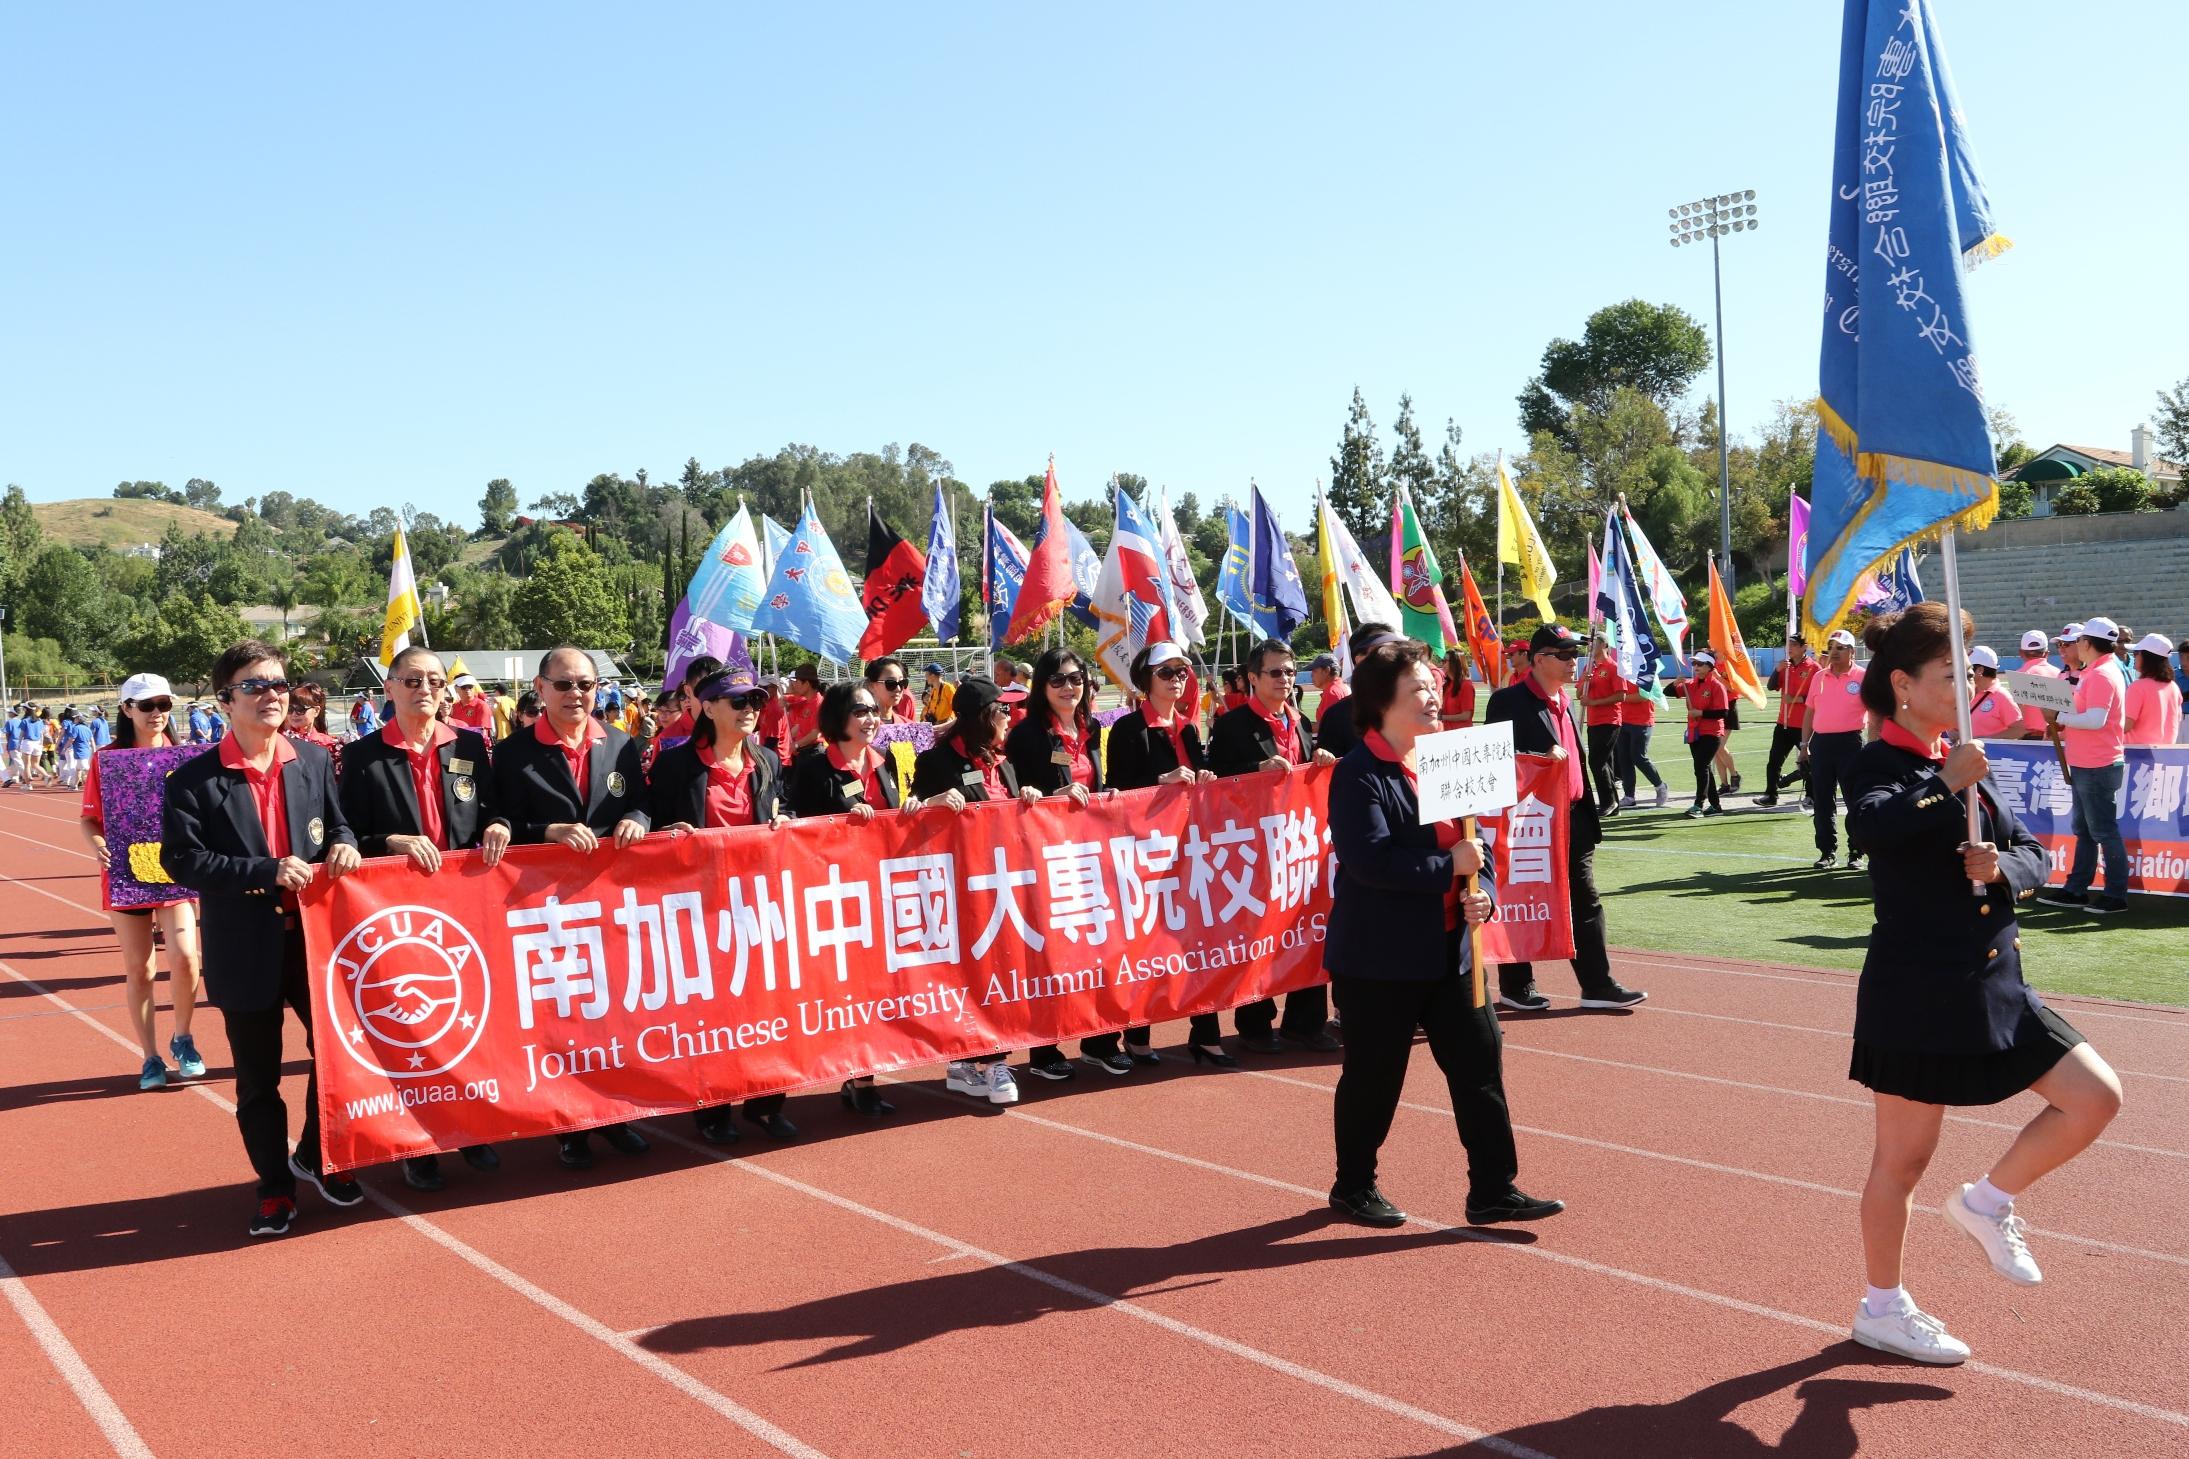 南加州中國大專院校聯合校友會旗海飄揚。記者黃松攝